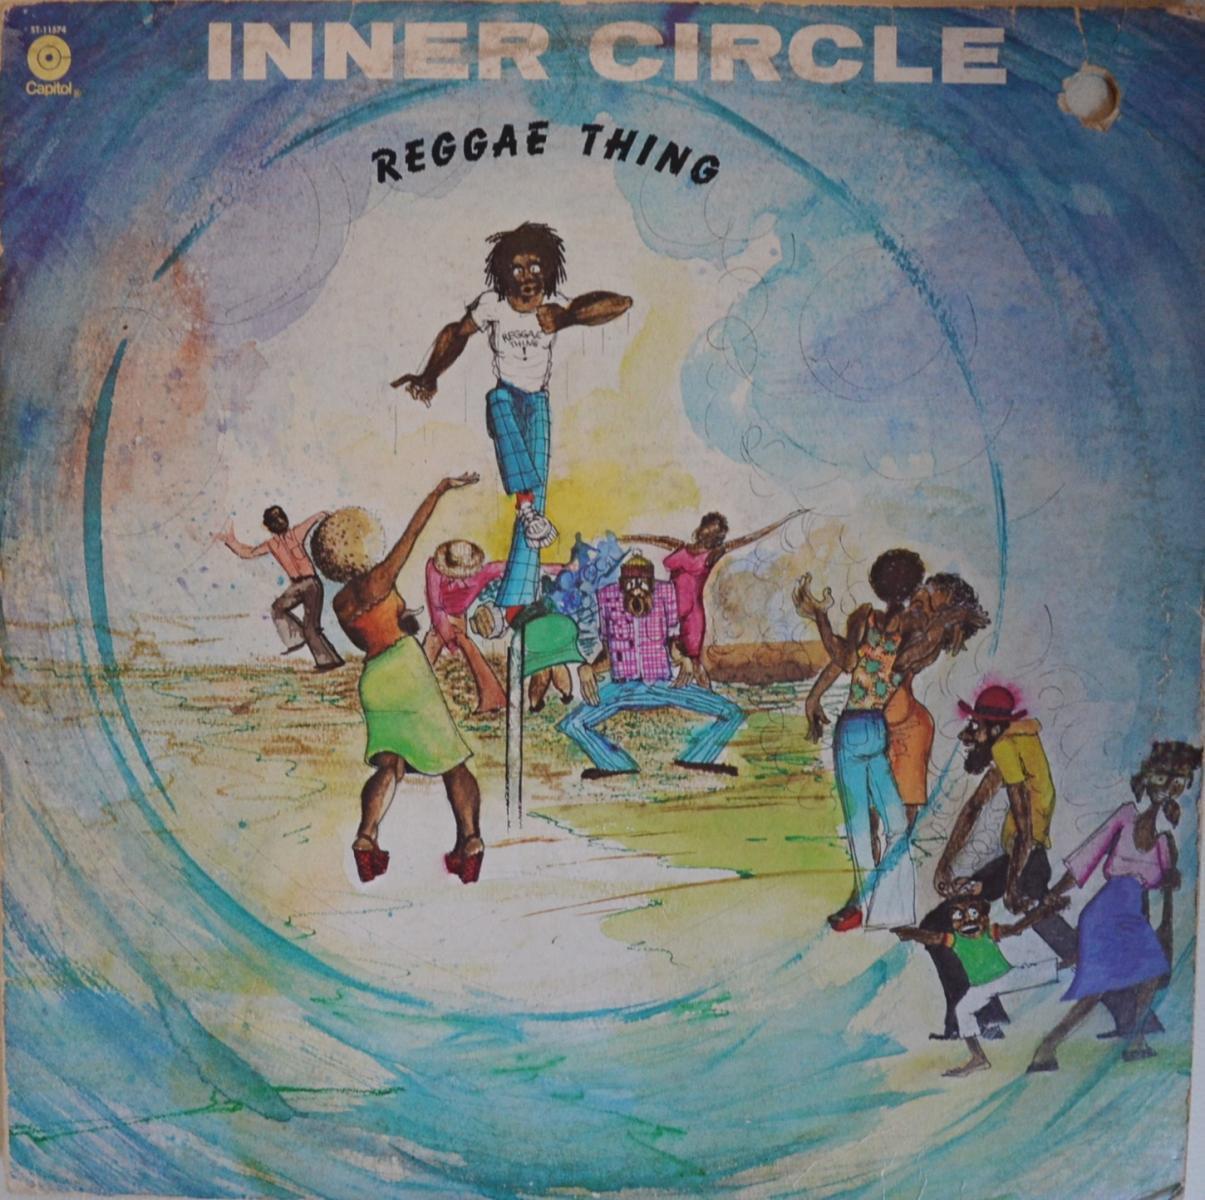 INNER CIRCLE / REGGAE THING (LP)